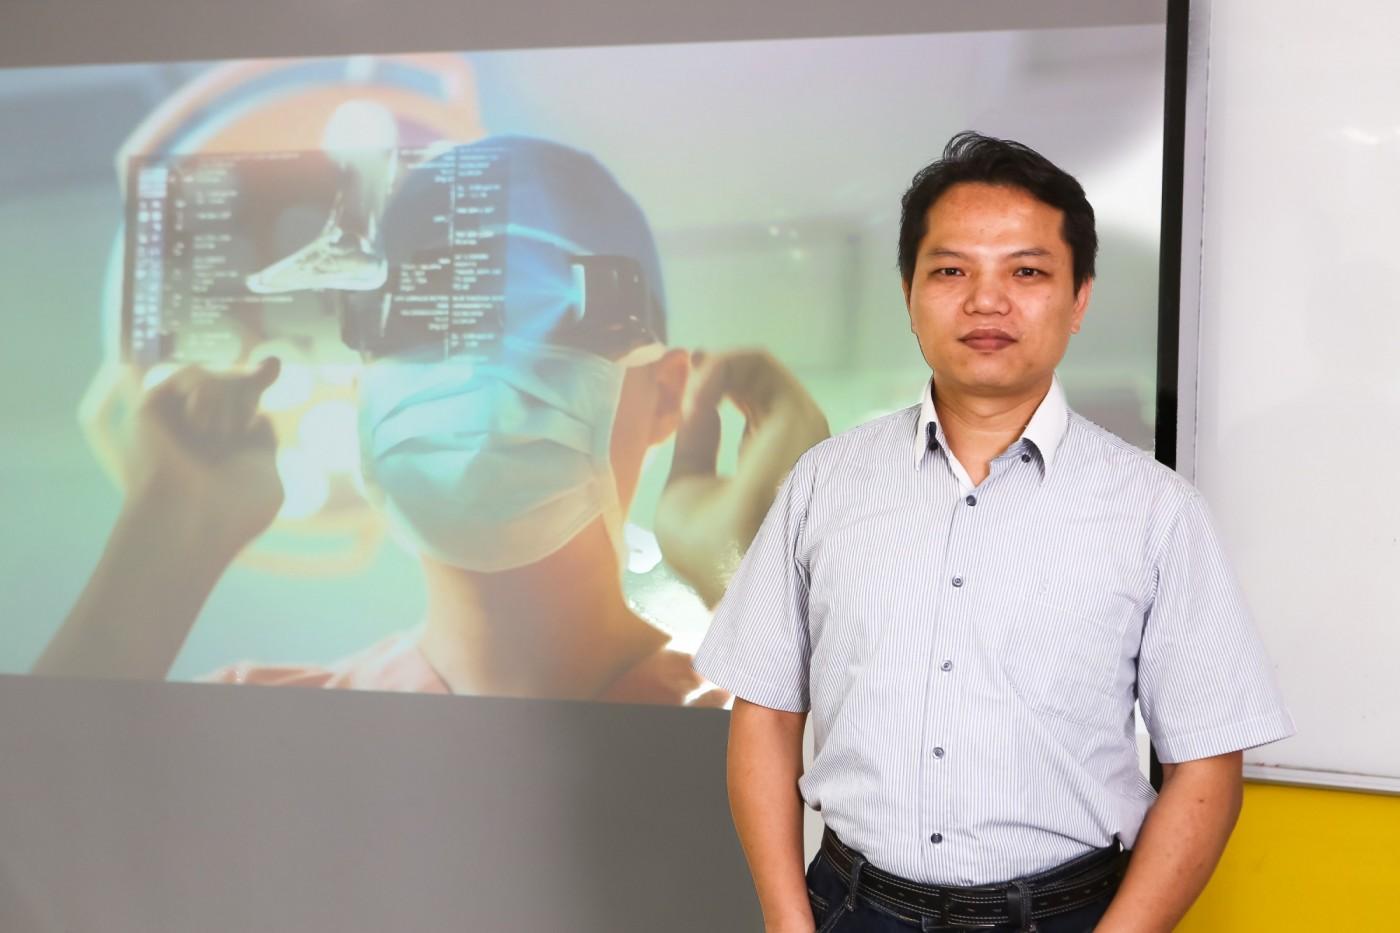 給醫生無敵透視眼!台灣骨王生技開發智慧手術眼鏡解決骨外科手術痛點